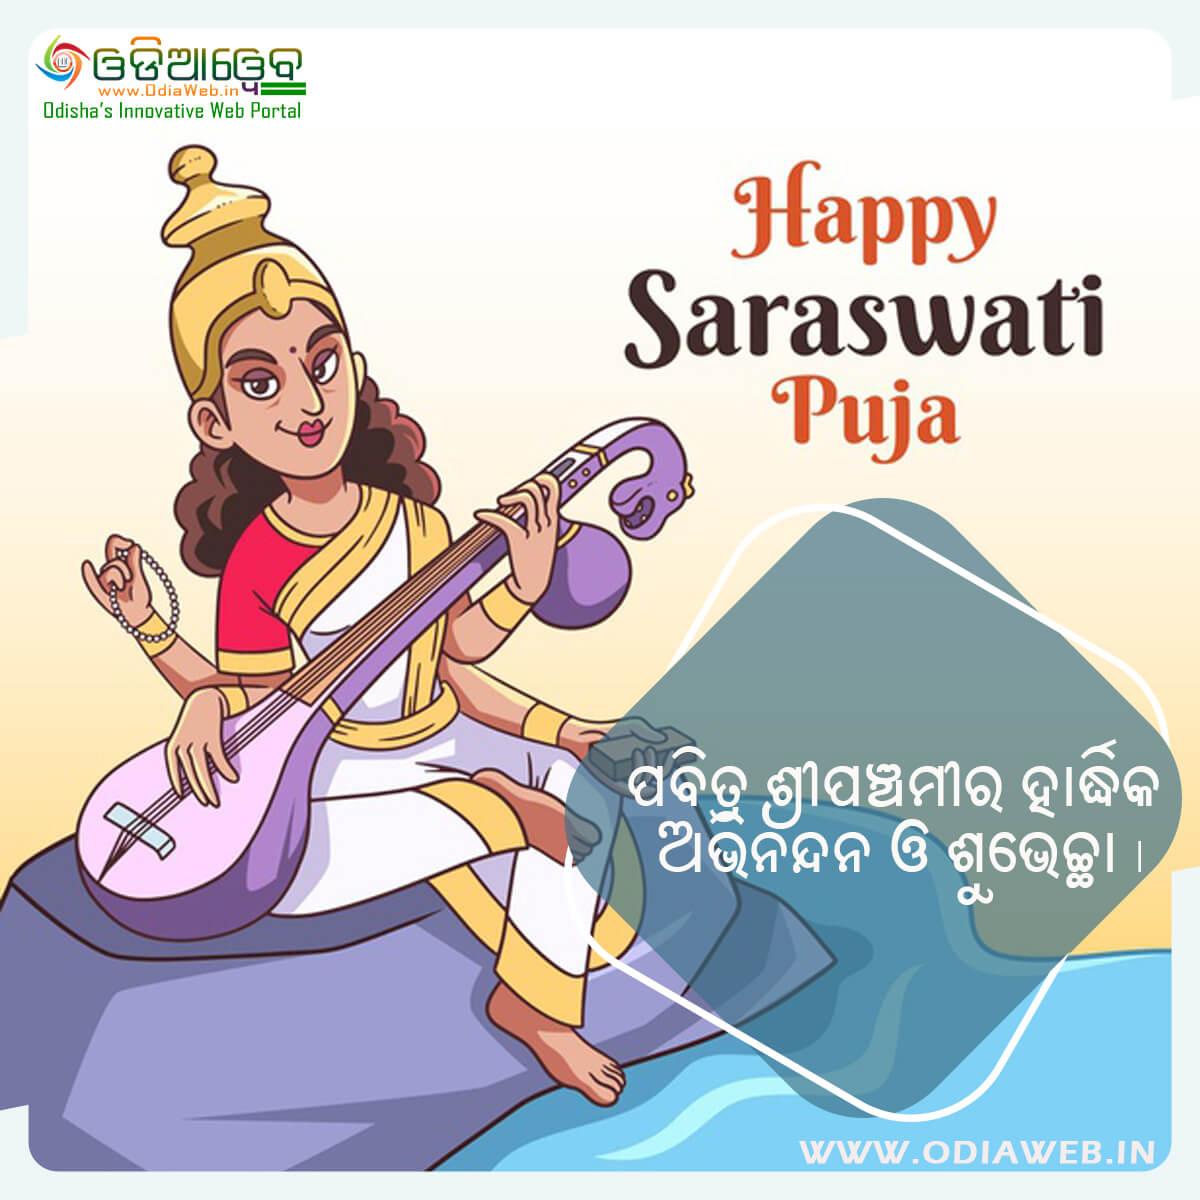 Happy Saraswati Puja Odia Wishes